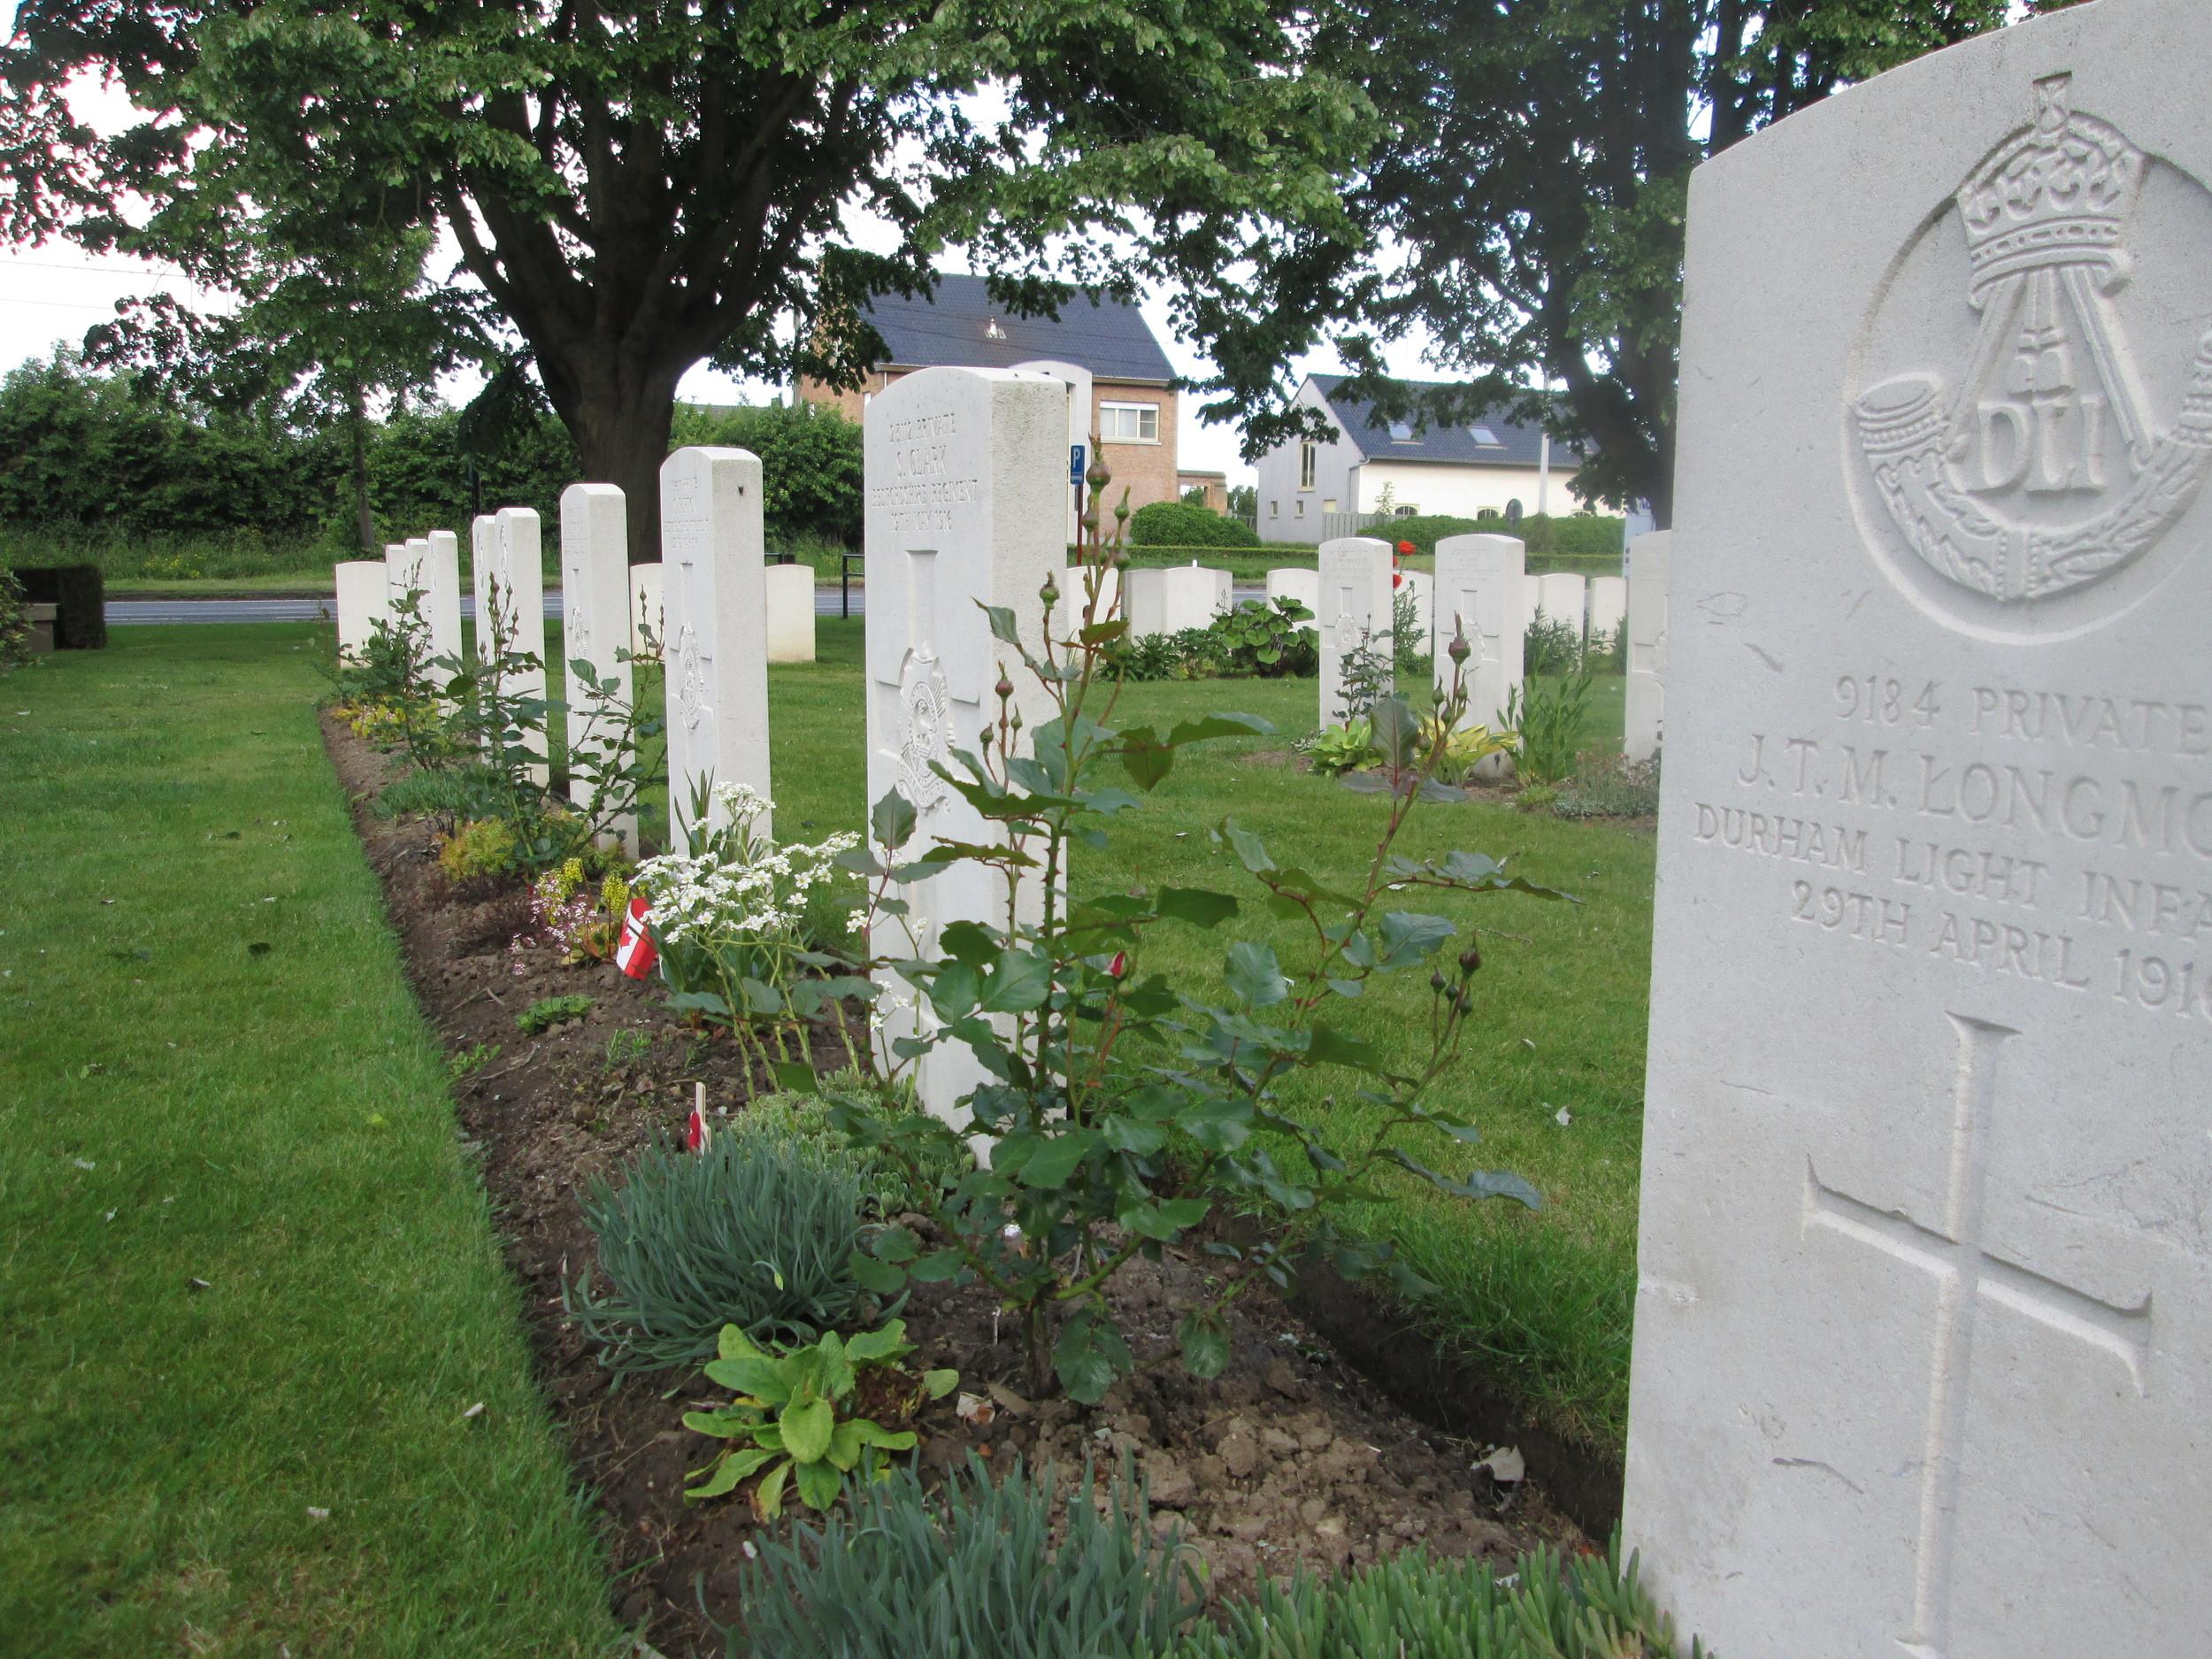 Essex Farm Cemetery where John McCrae penned 'In Flanders Fields'